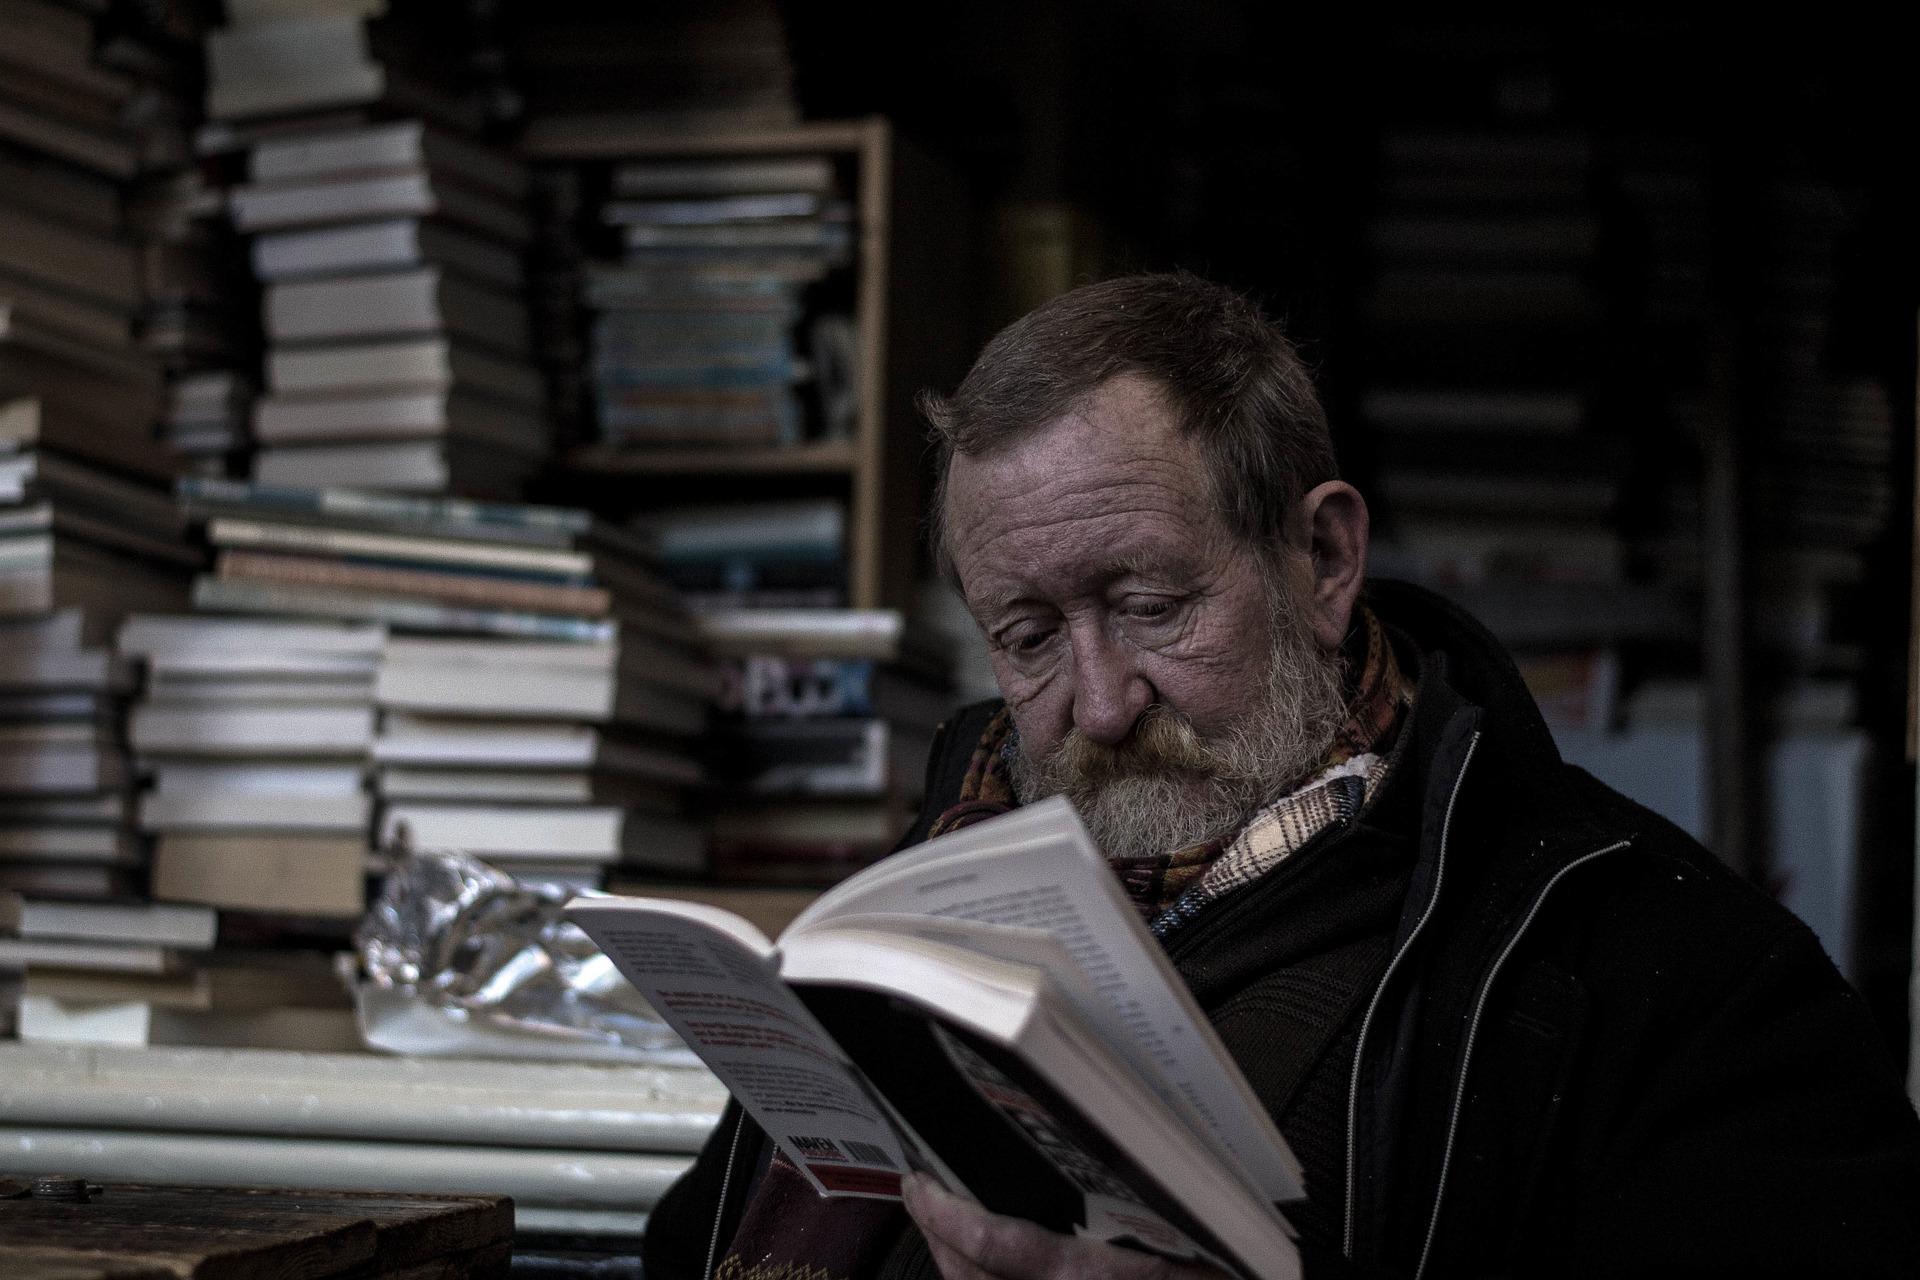 Rozwój - czytanie